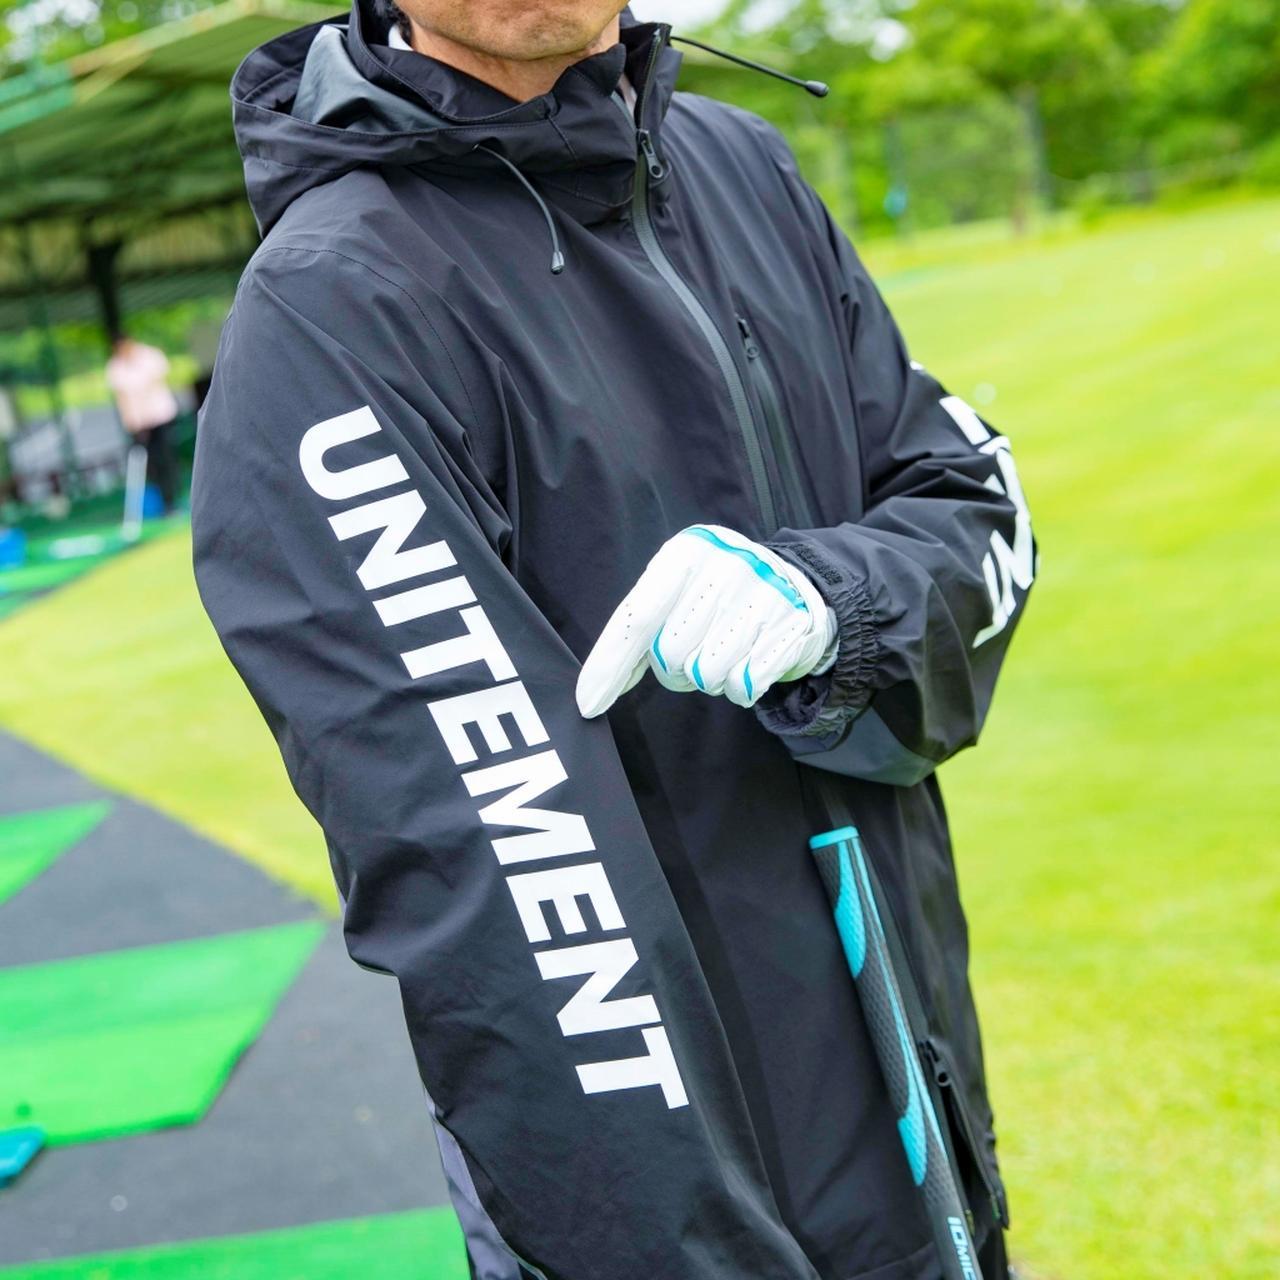 画像: 伊丹'sインプレ② 大きなロゴがおしゃれ。ゴルフ以外でも活用できそう